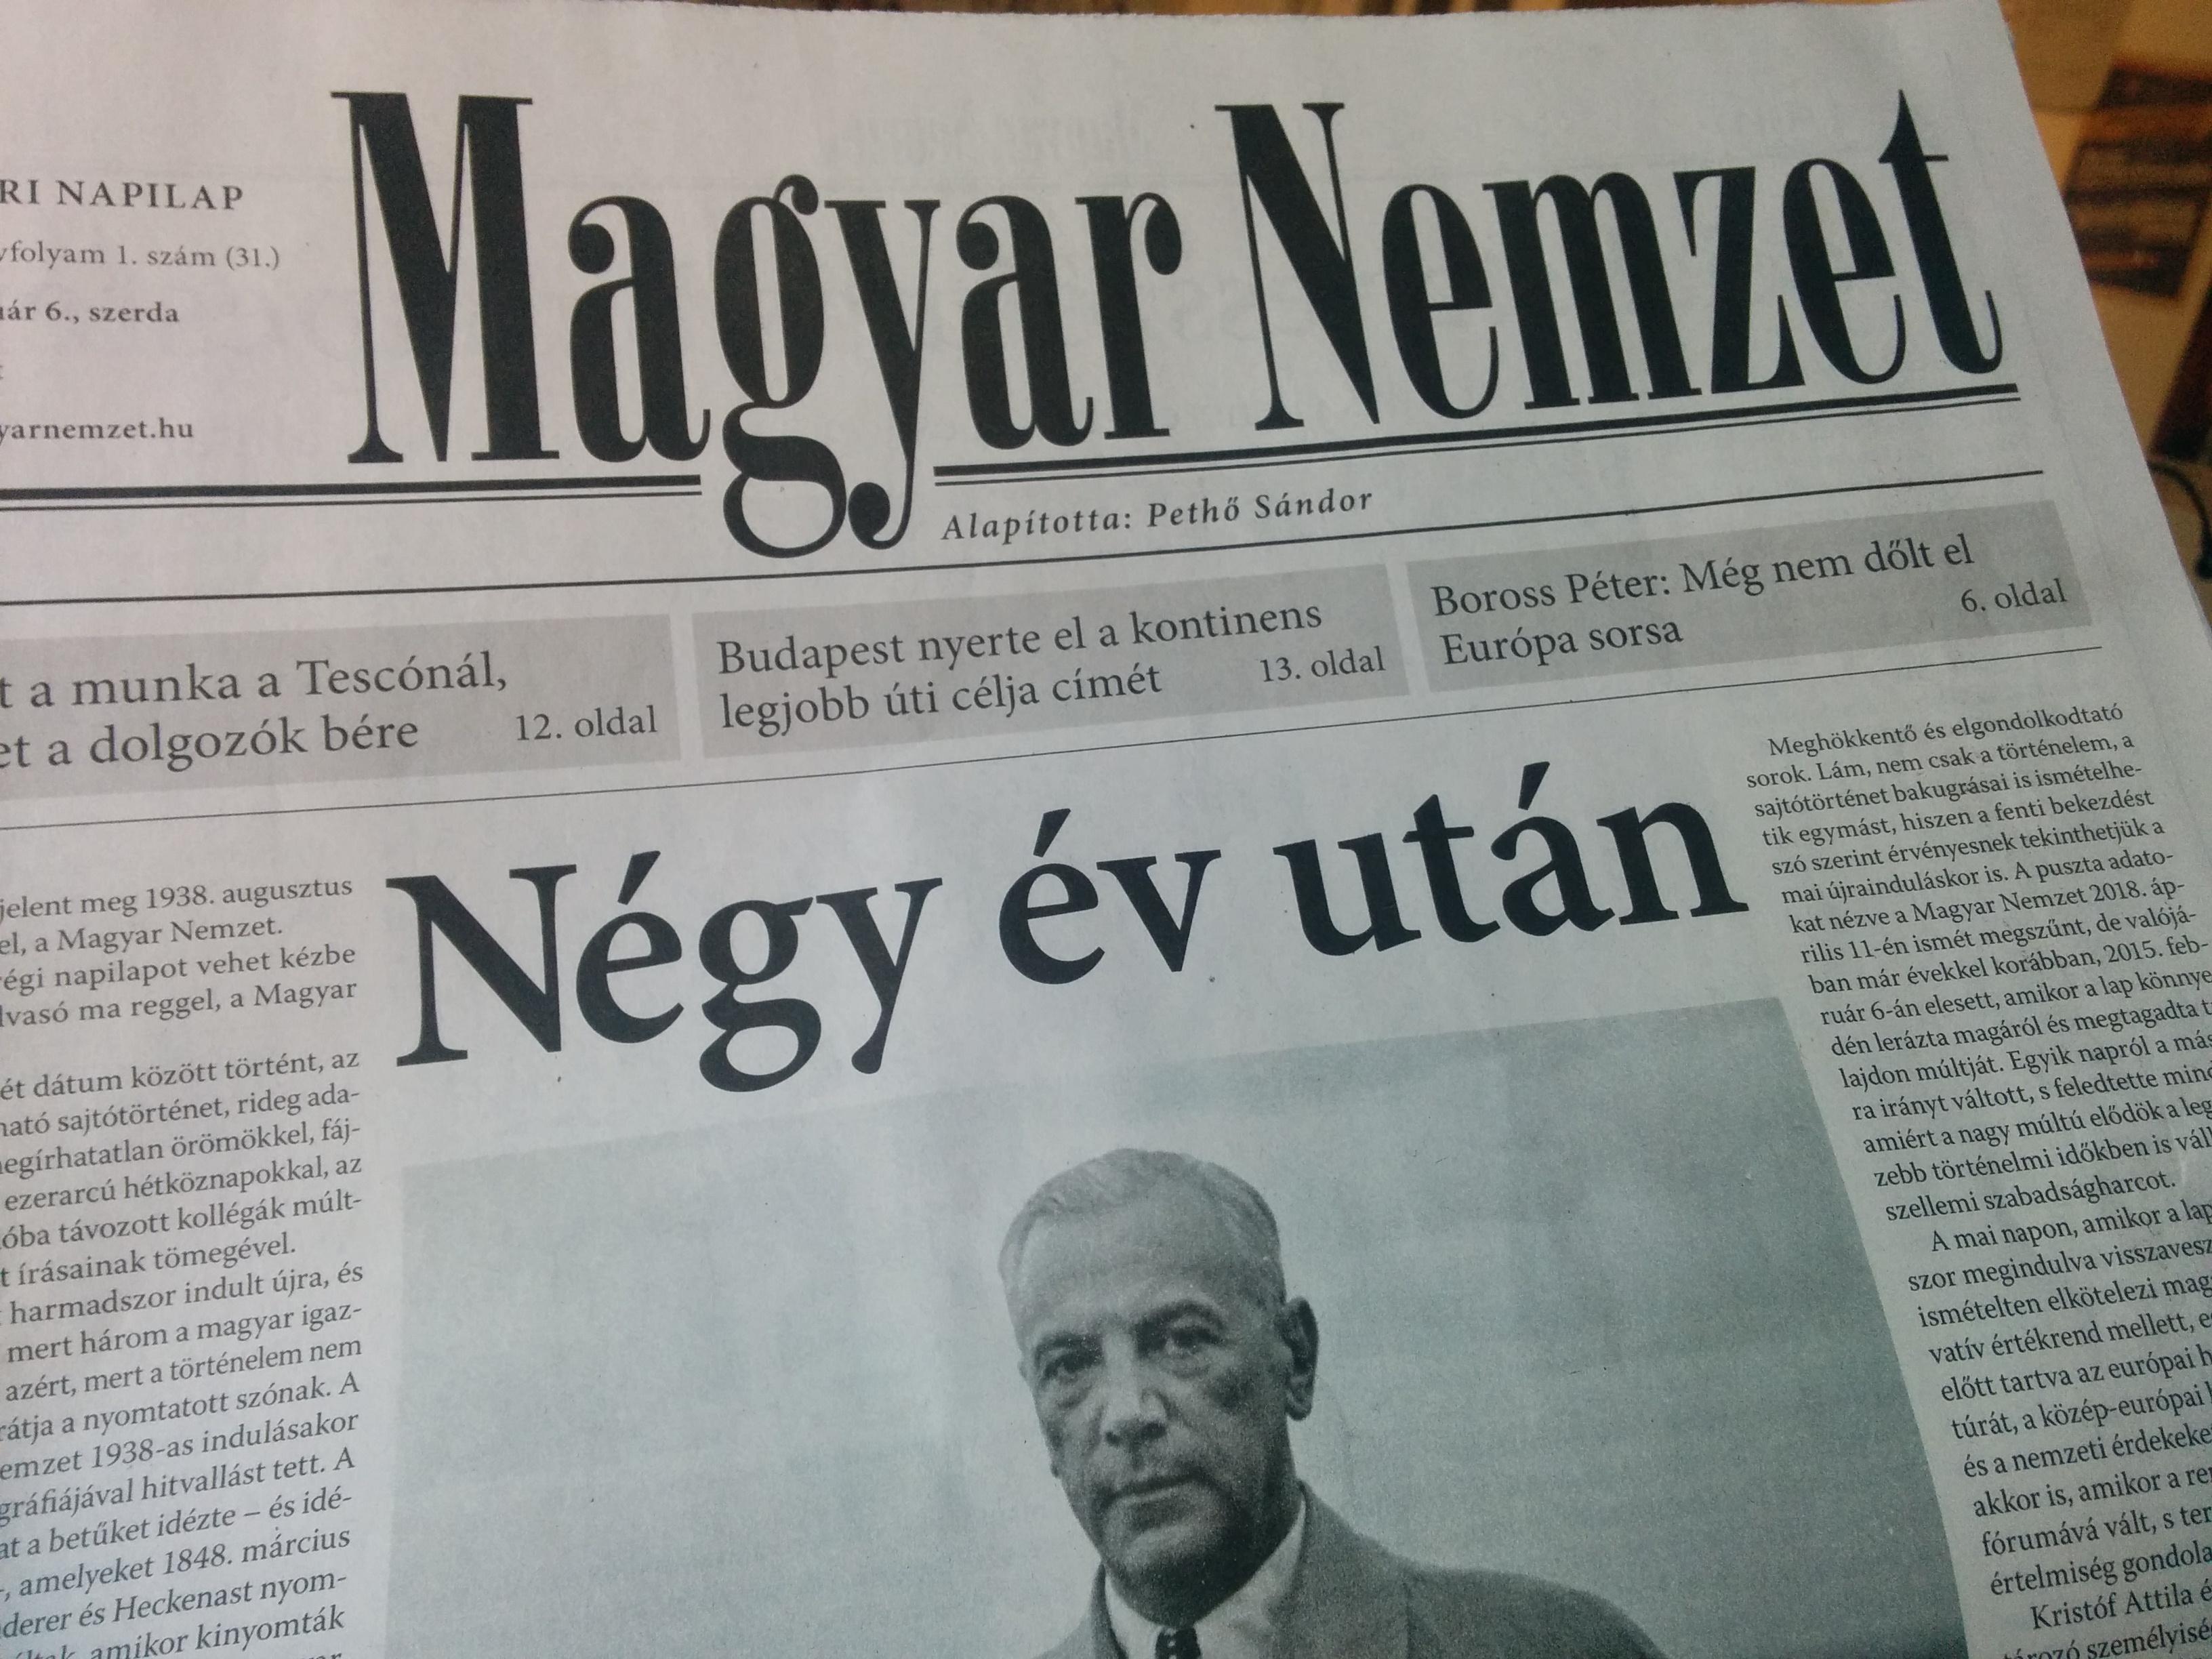 Újra a szellemi szabadságharc frontvonalában küzd a Magyar Nemzet